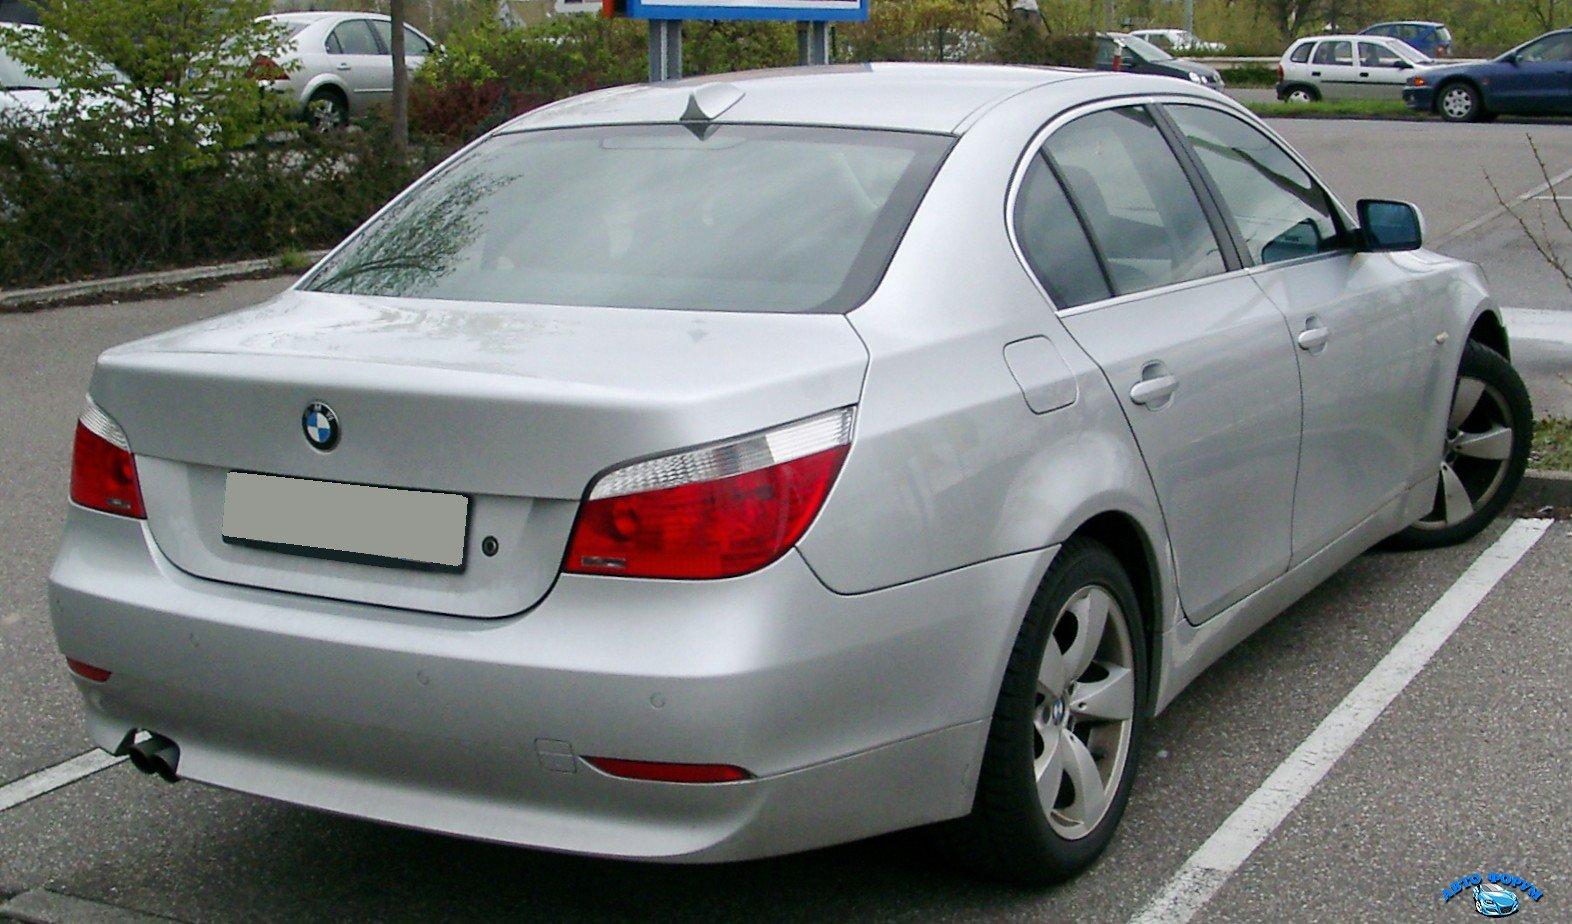 BMW_E60_rear_20080417.jpg